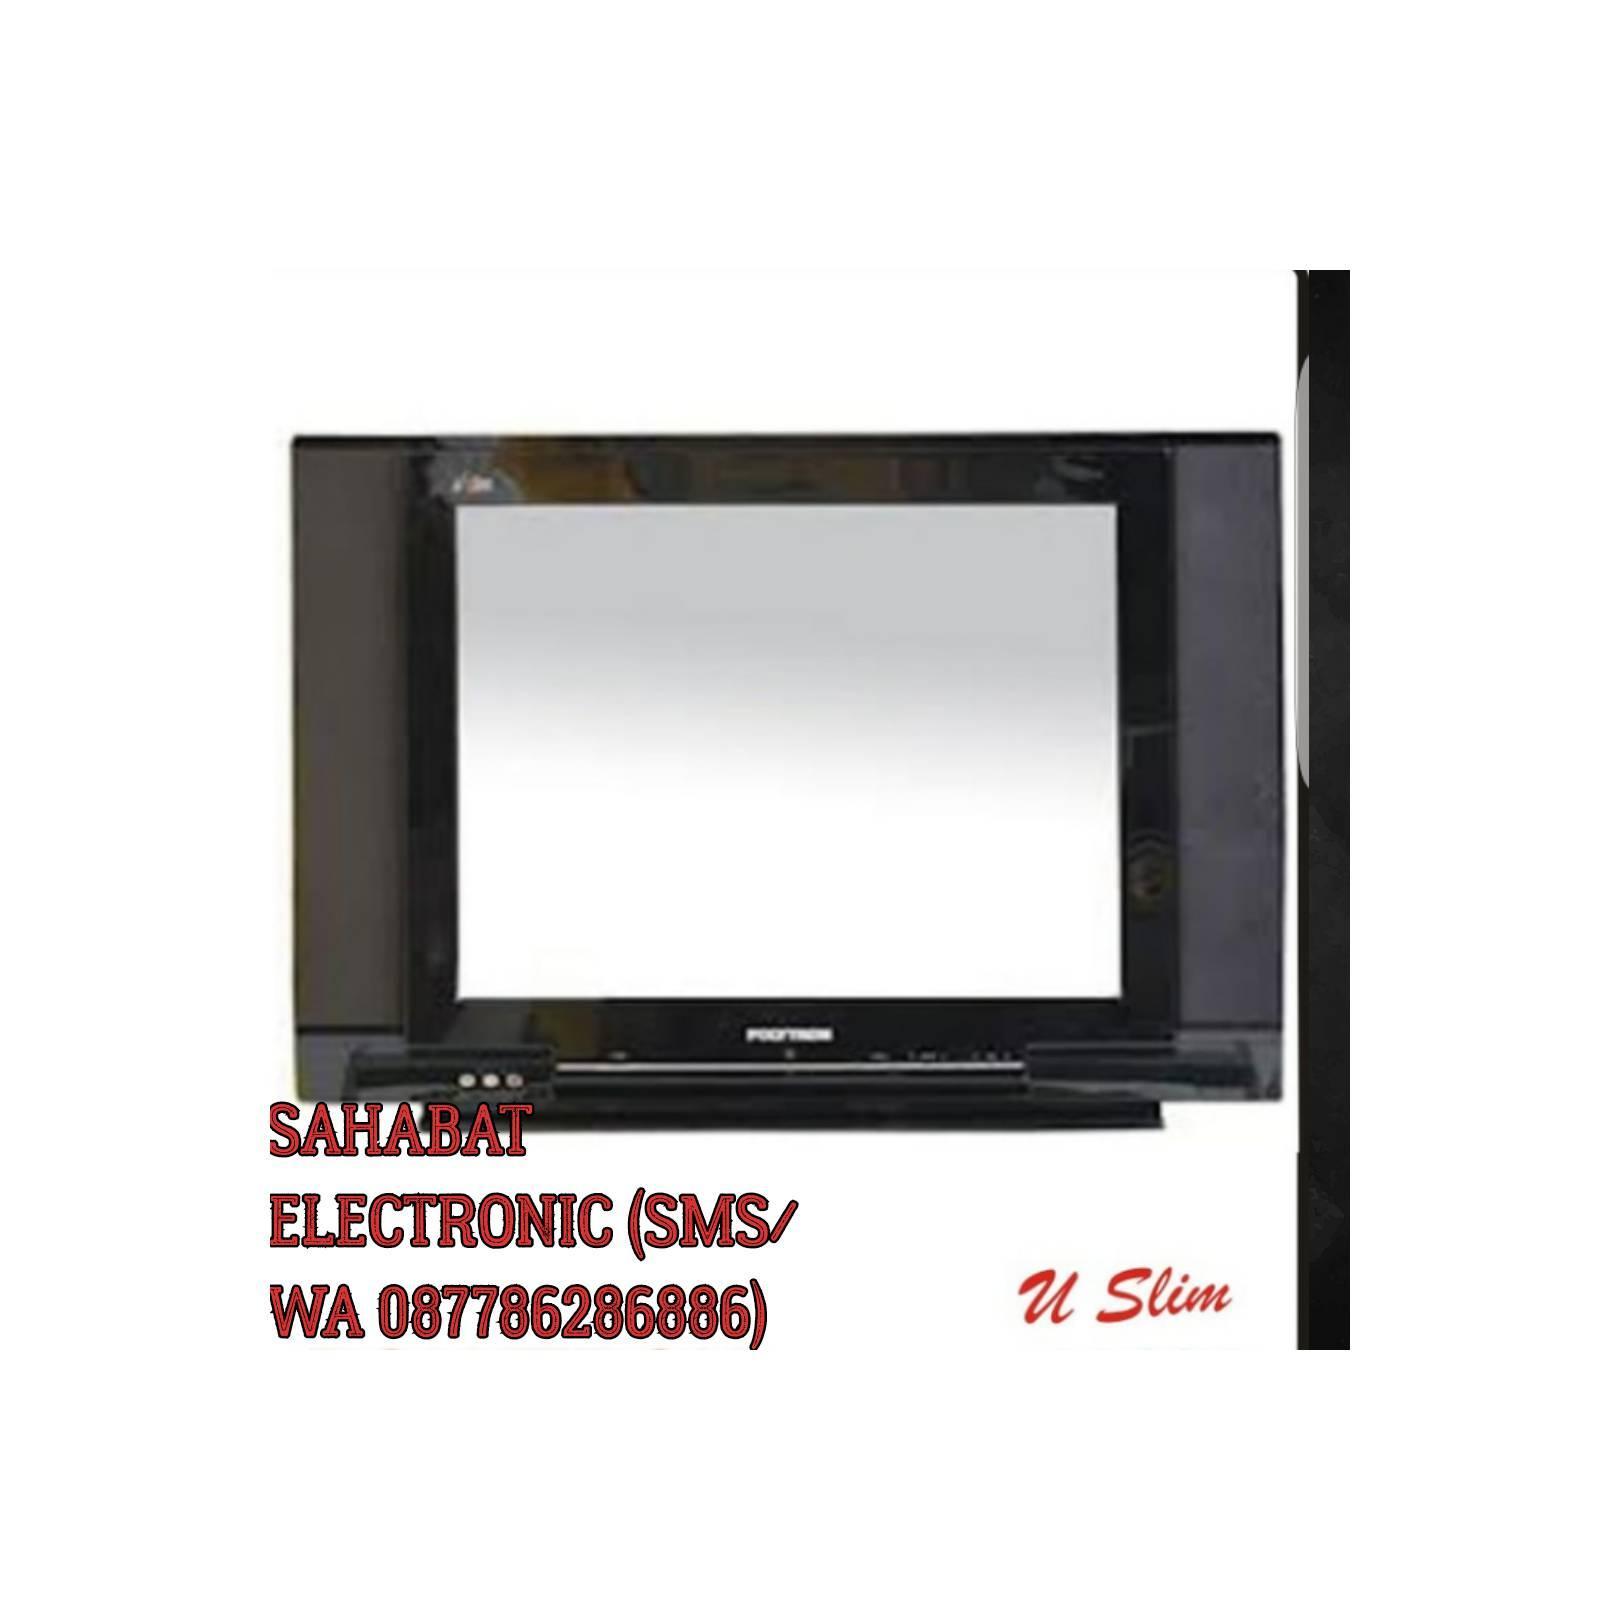 TV TABUNG POLYTRON 21